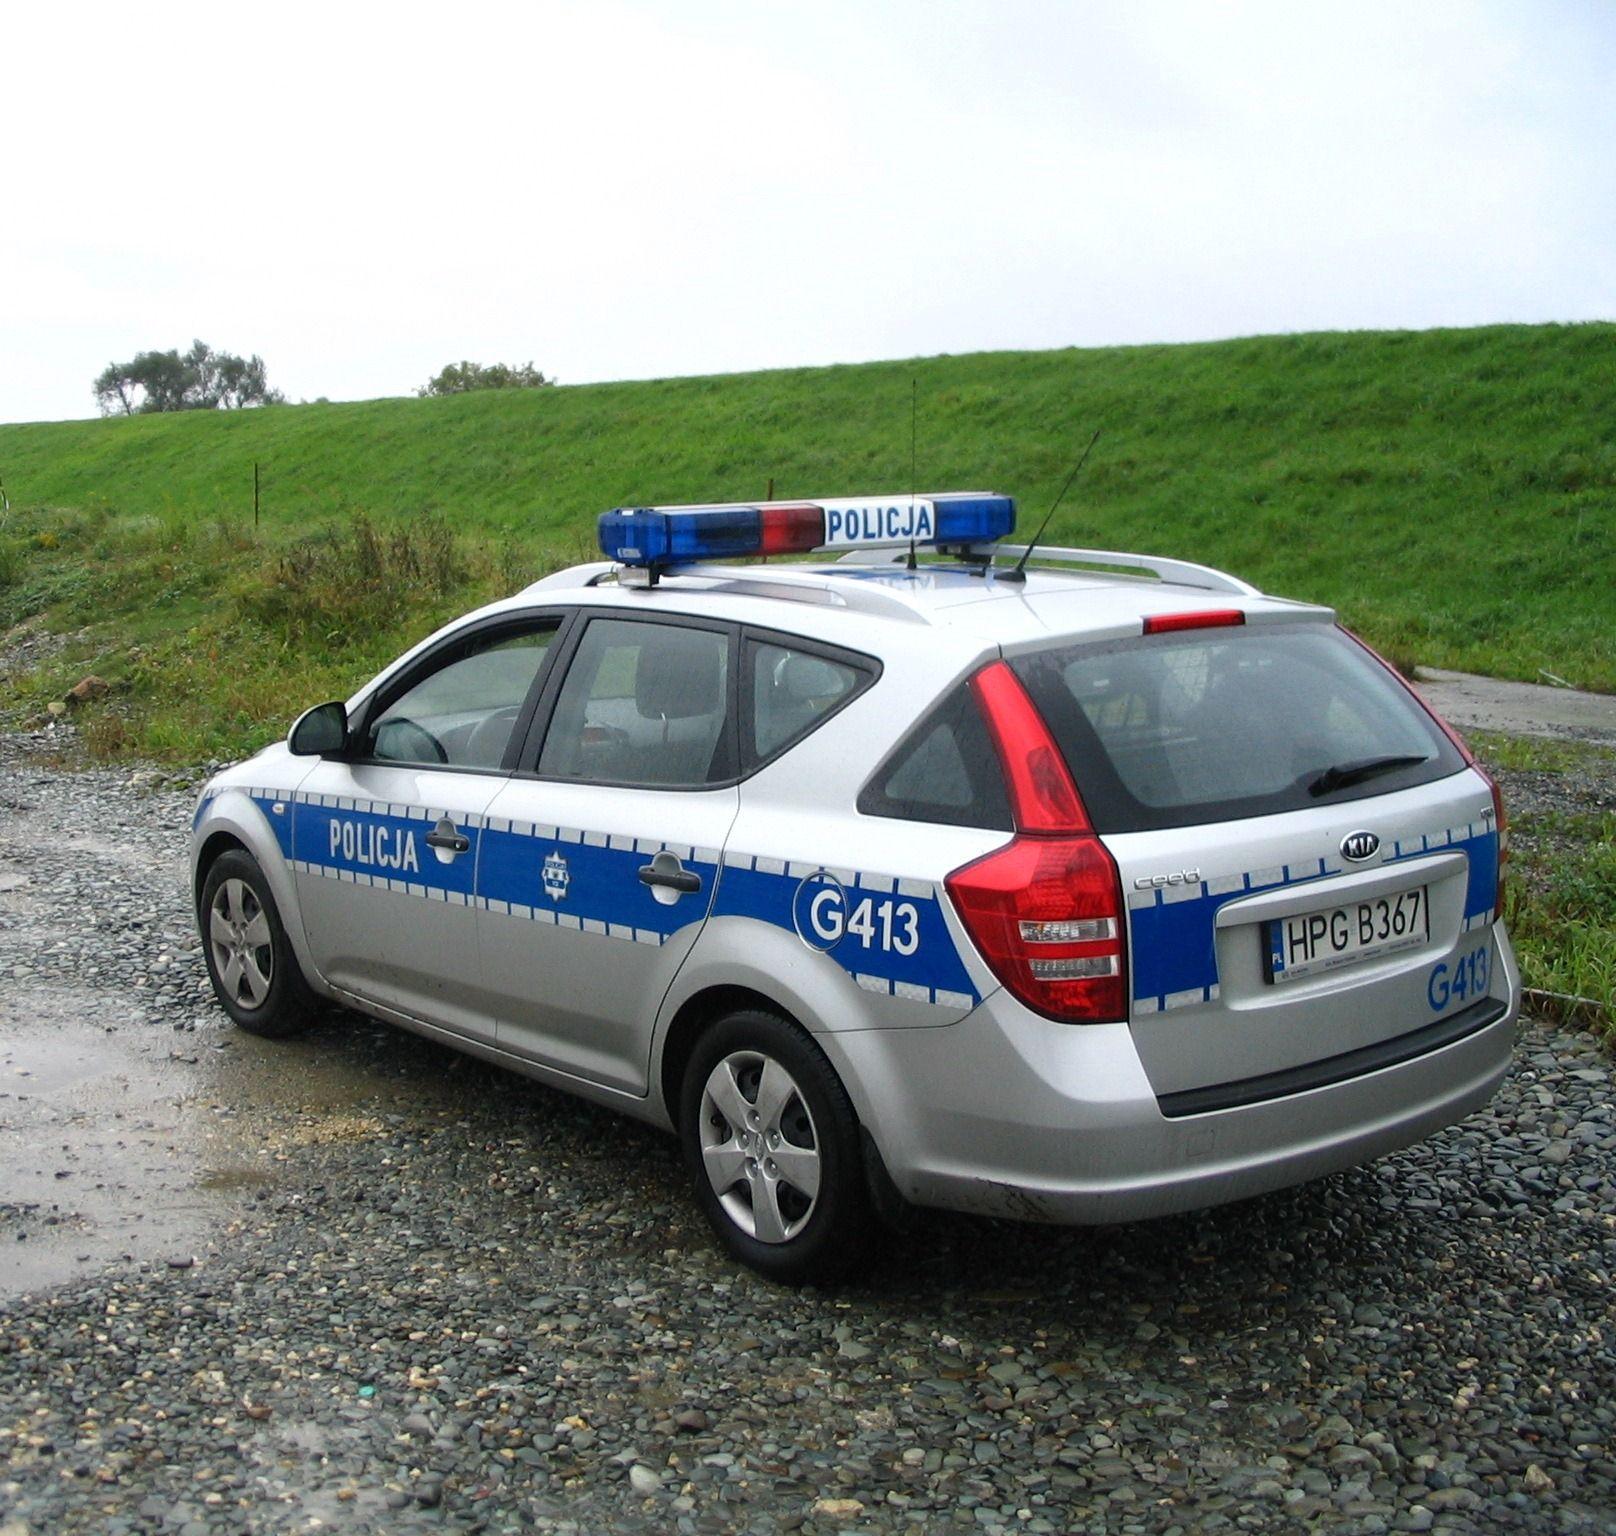 Policja poszukuje zaginionej 60-letniej mieszkanki